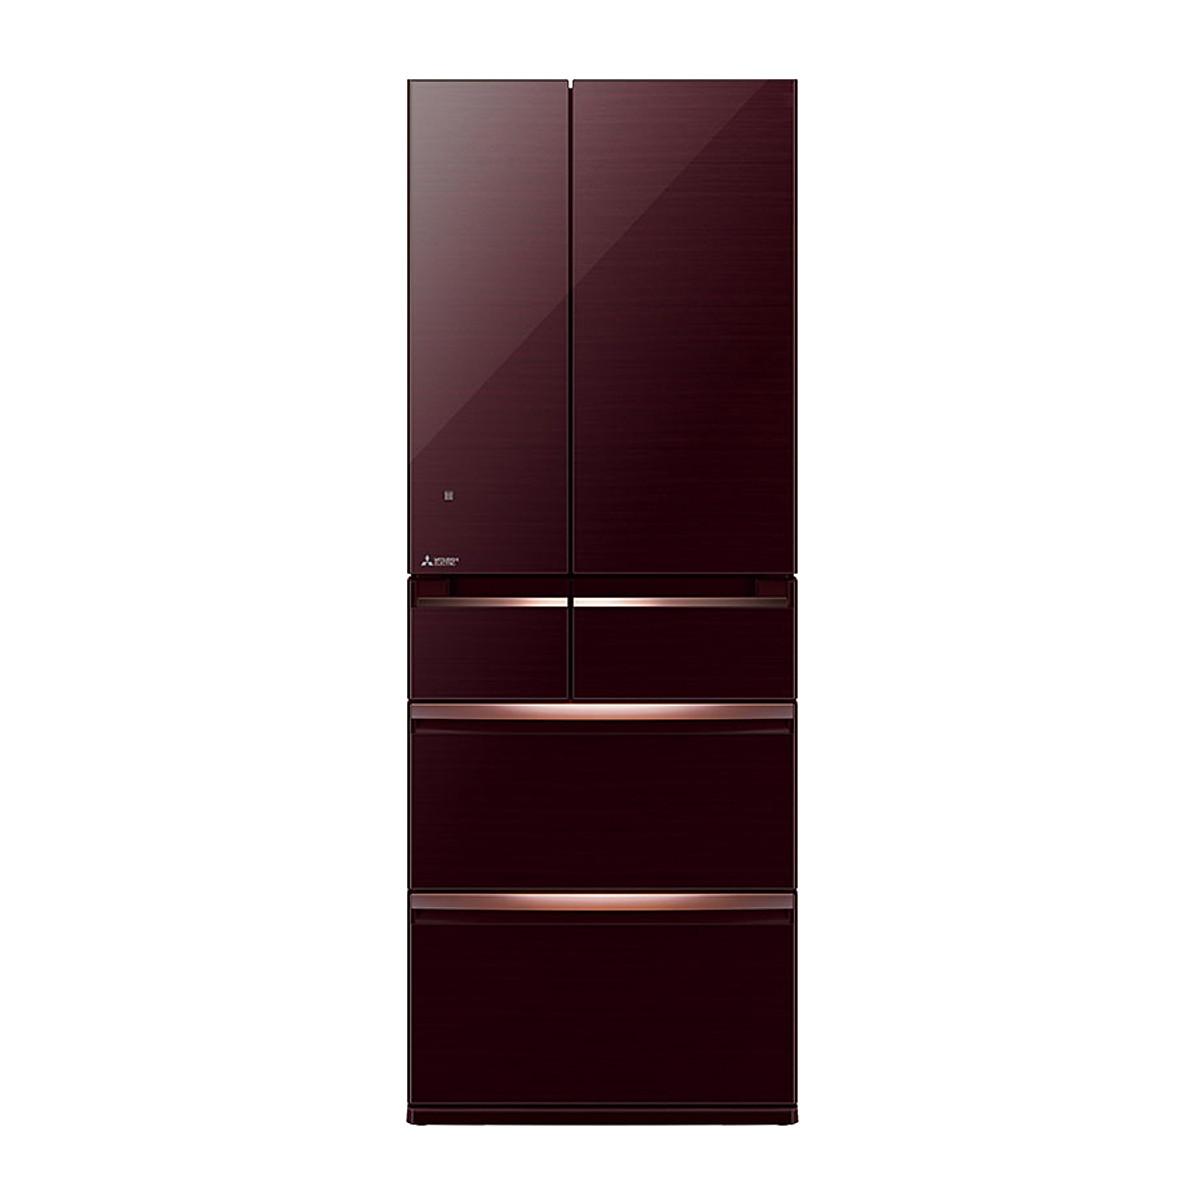 Đánh giá, review Tủ Lạnh Mitsubishi Electric Inverter MR-WX52D-BR (506L)